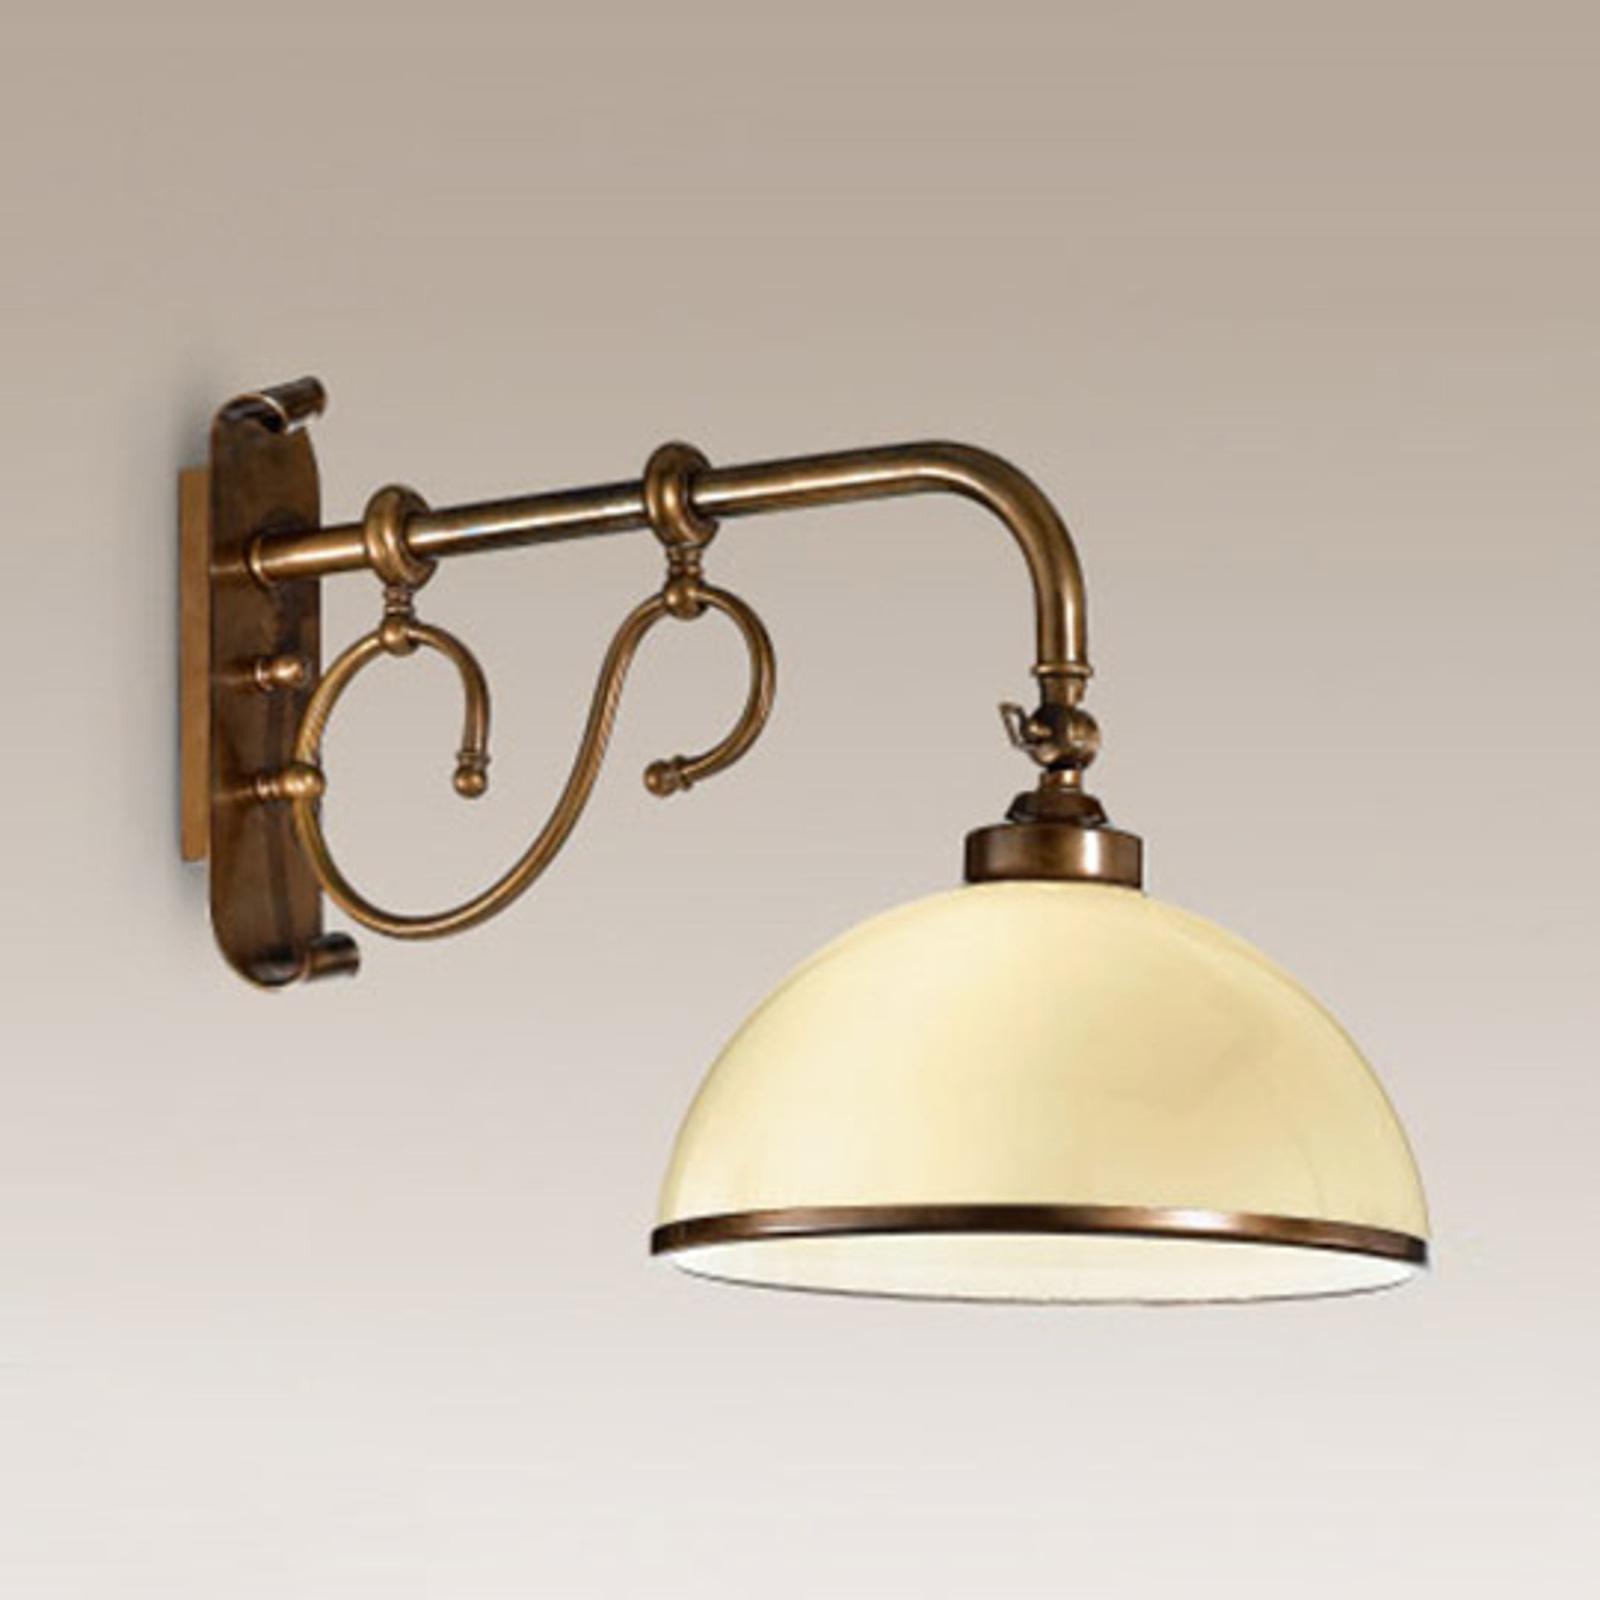 Kunstfærdig La Botte væglampe, elfenben